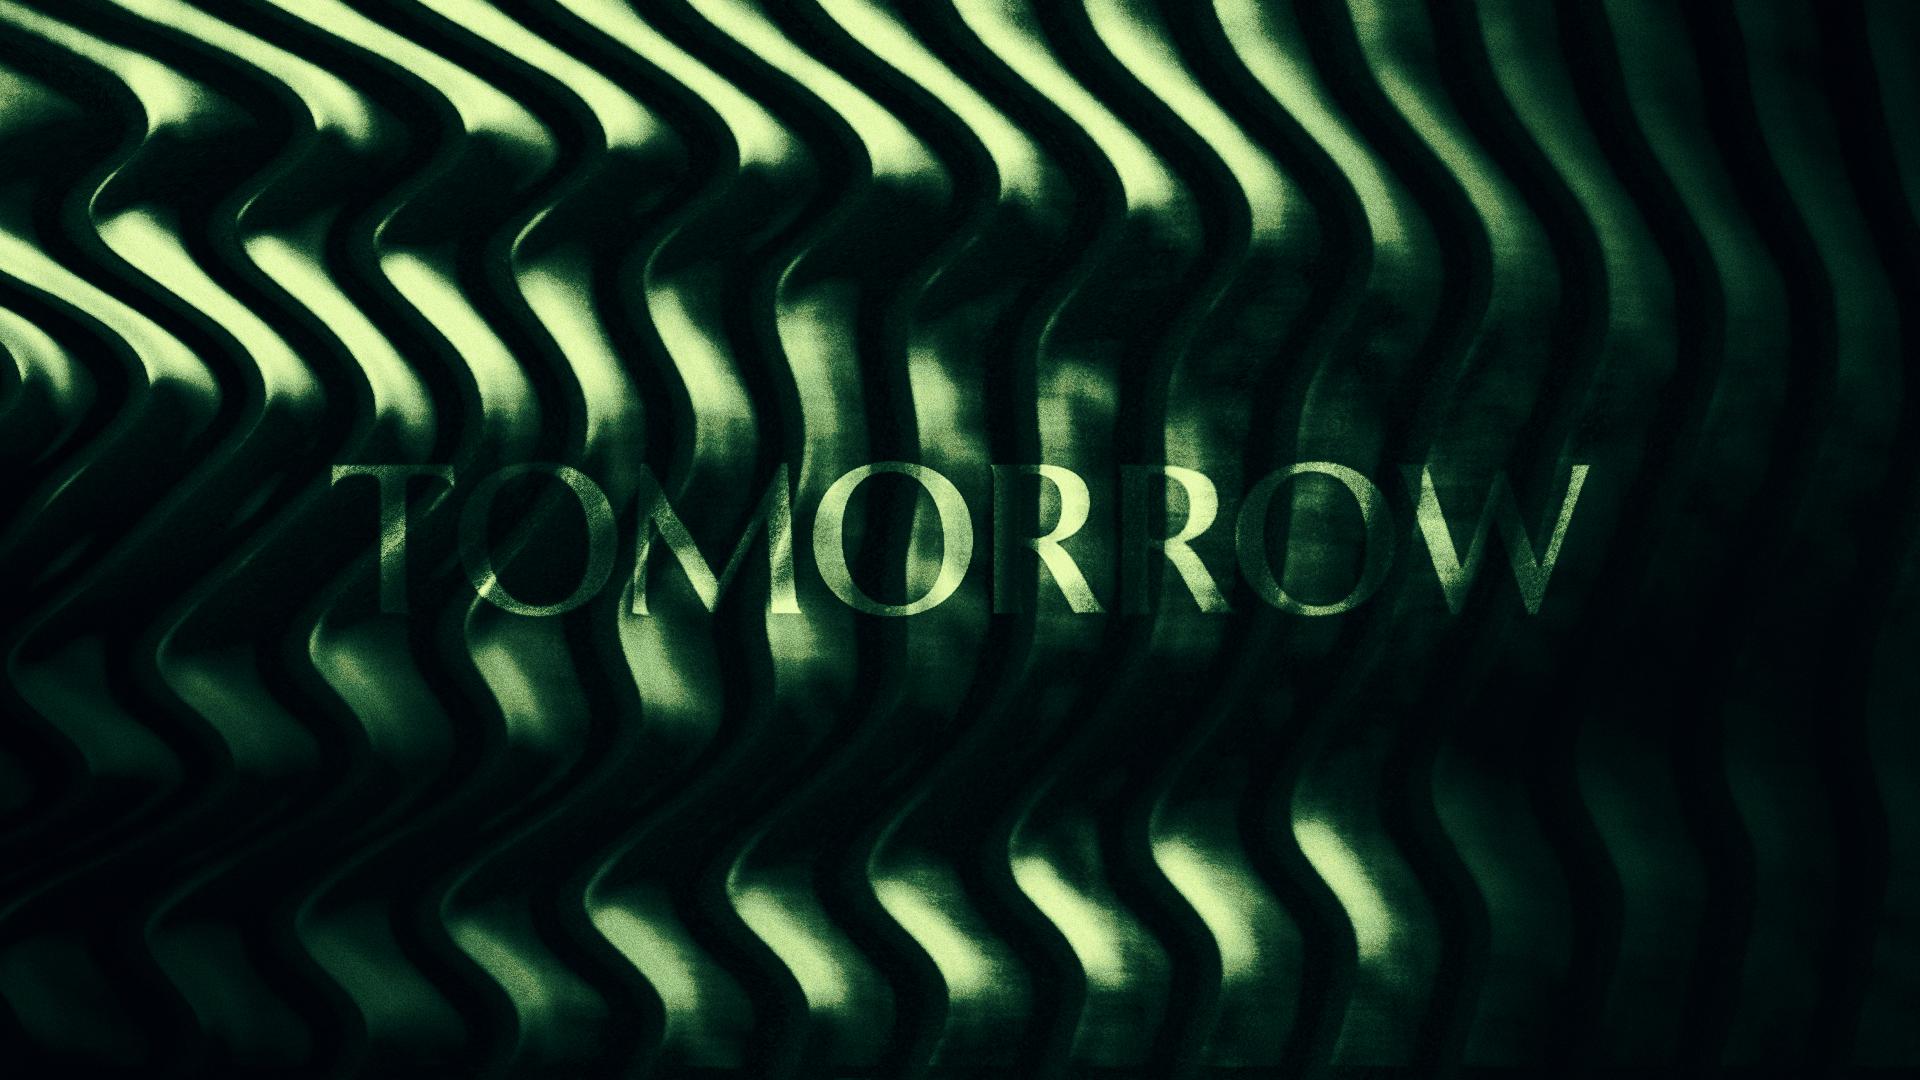 HistoryMystery_04_FORPORTFOLIO_02.jpg